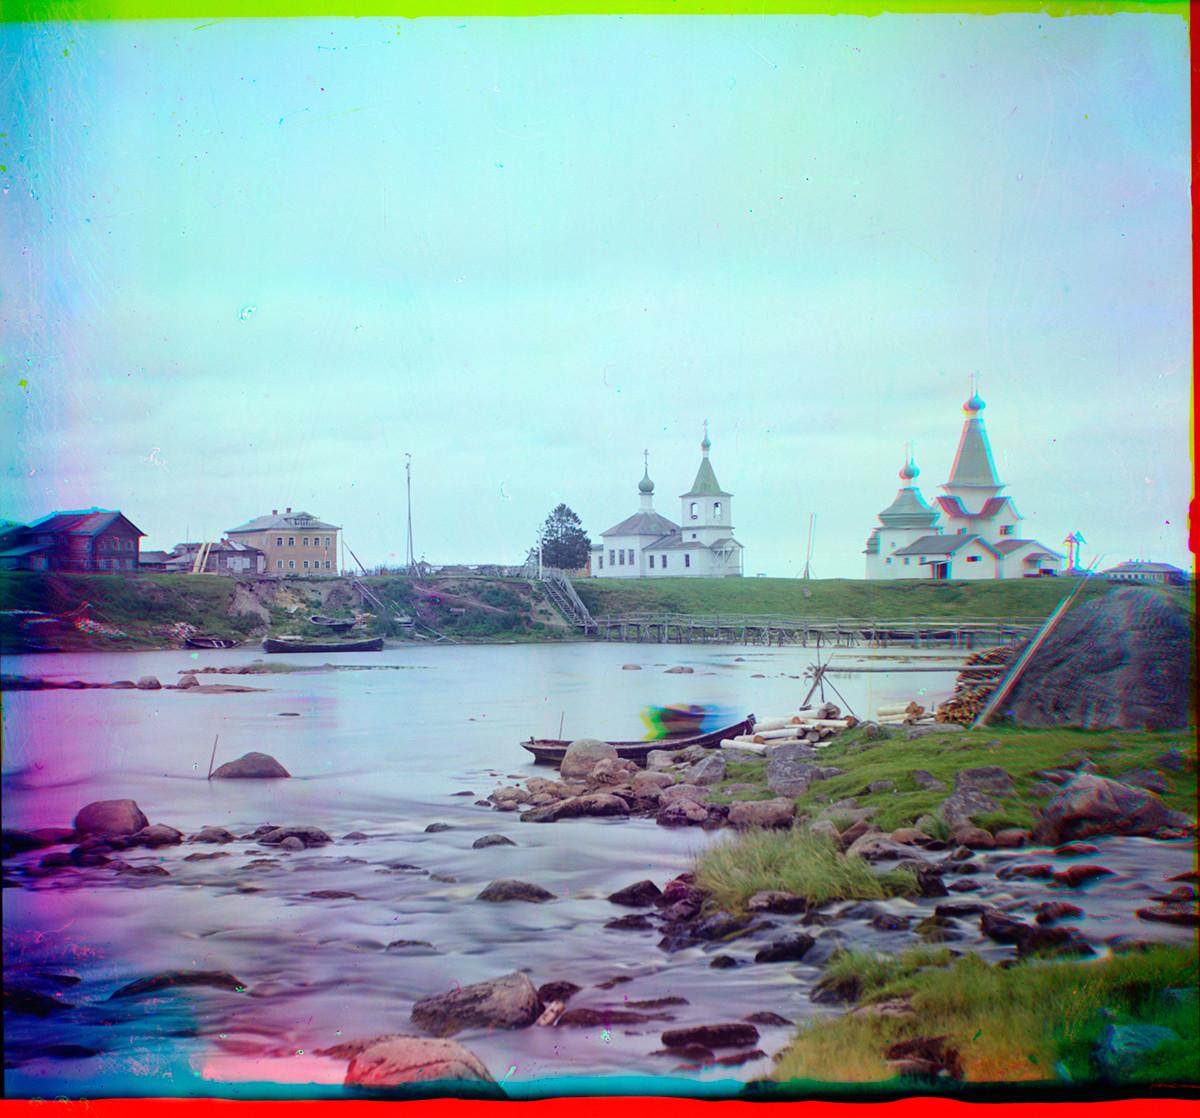 Chouïeretskoïé. Vue sur la rivière Chouïa avec église en bois Saint-Clément (au centre), église Saint-Paraskeva et église Saint-Nicolas. La tache floue dans l'embarcation est une personne qui bouge pendant les trois expositions du processus de couleur